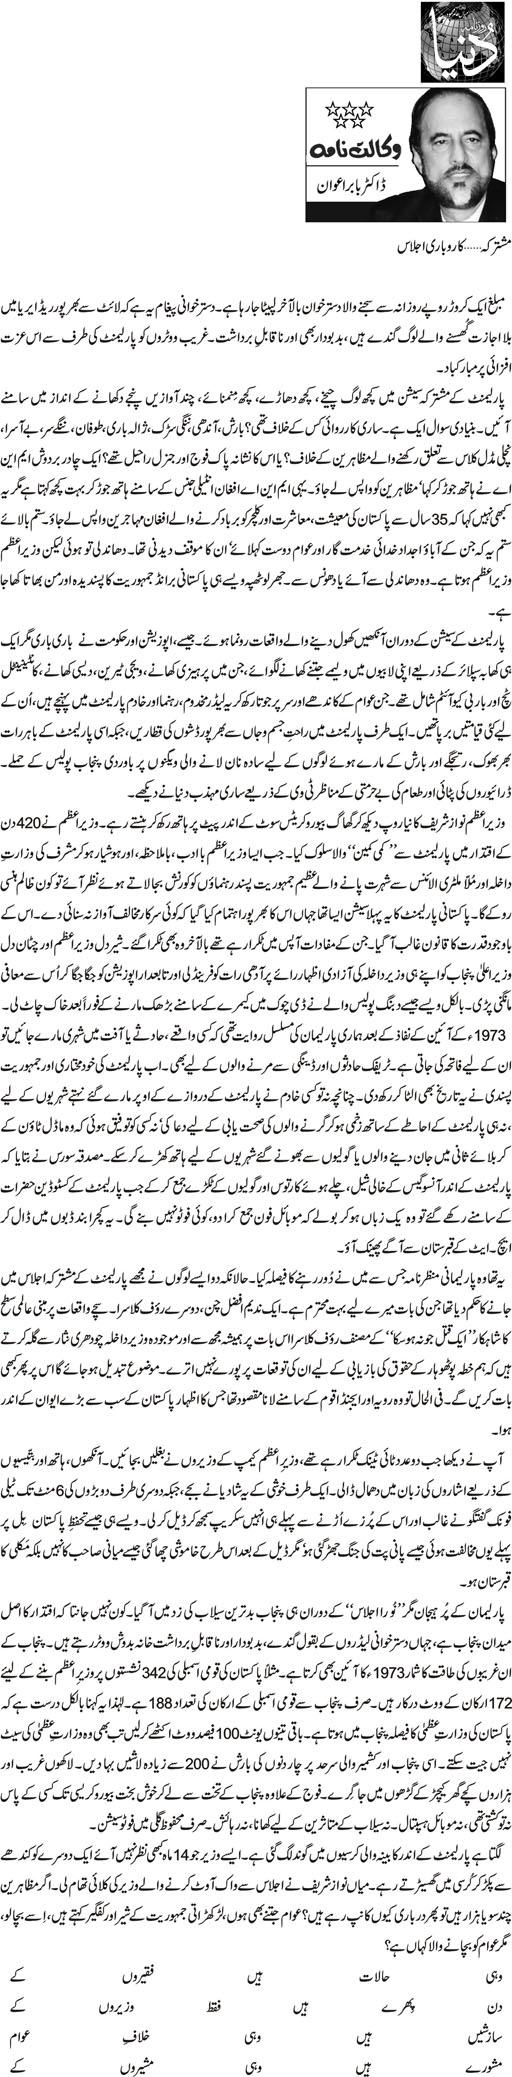 Print Media Coverage Daily Dunya - Dr Babar Awan